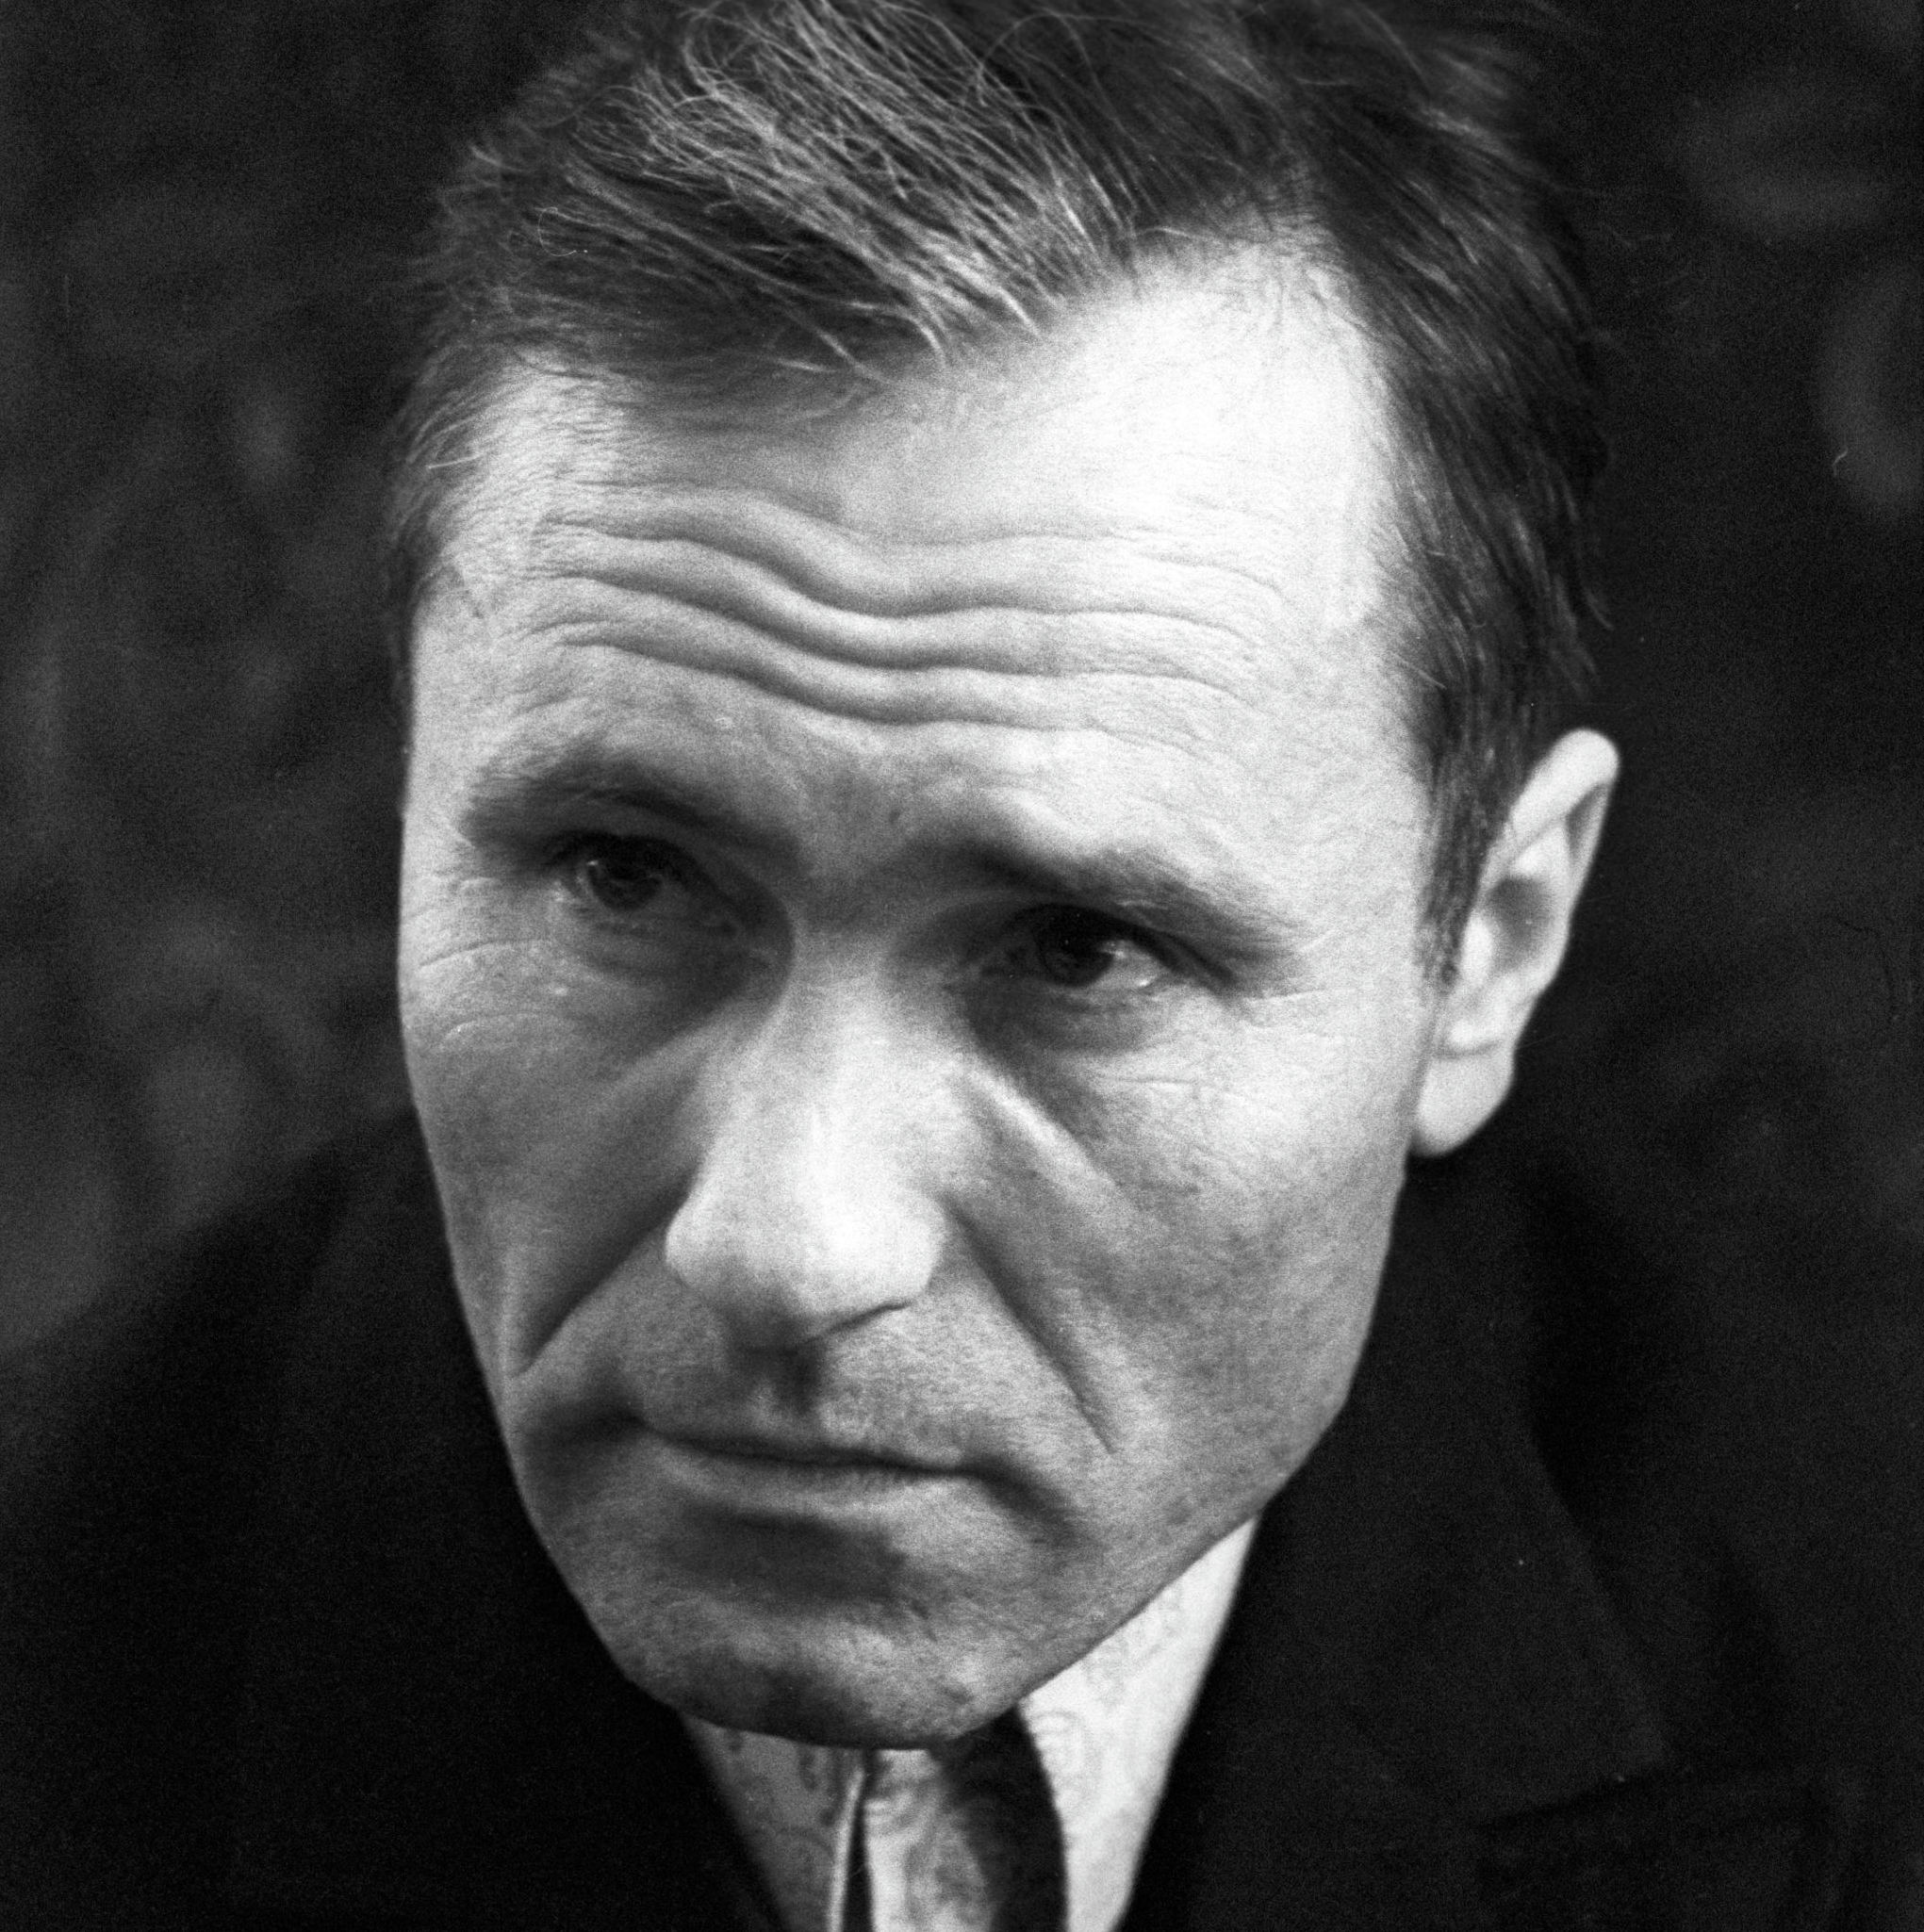 Советский писатель, режиссер, актер Василий Макарович Шукшин